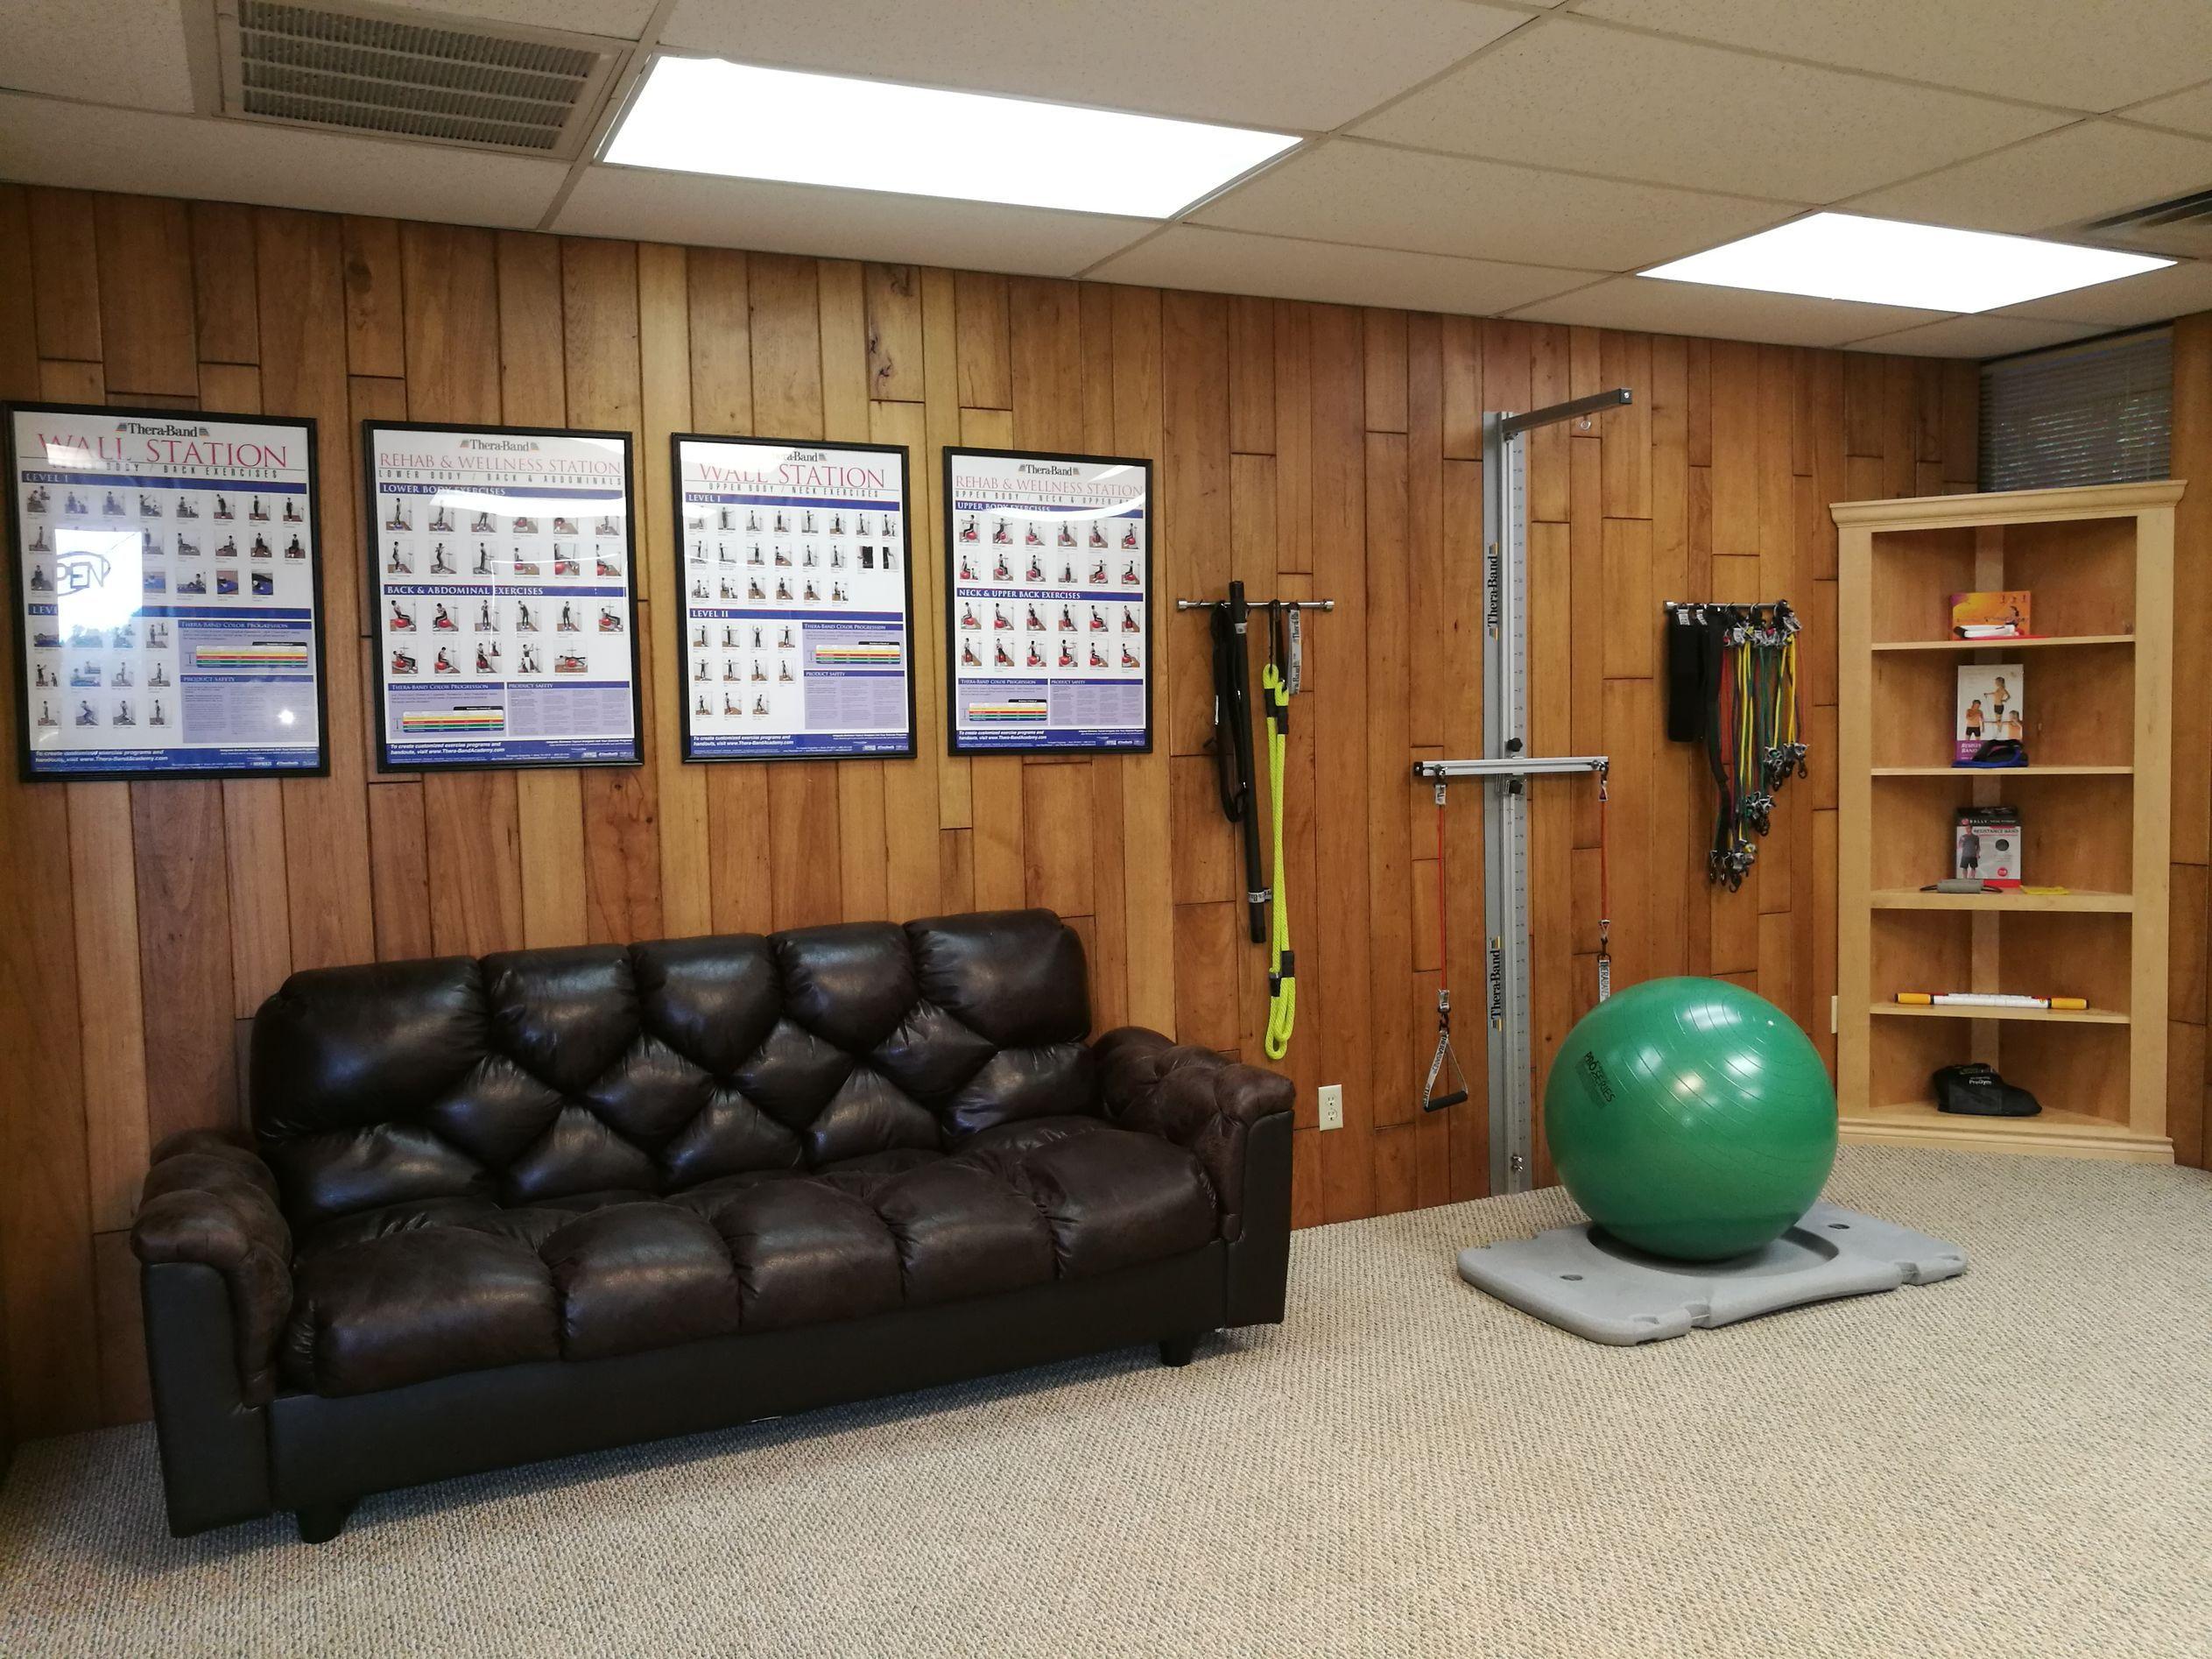 Rehab Station